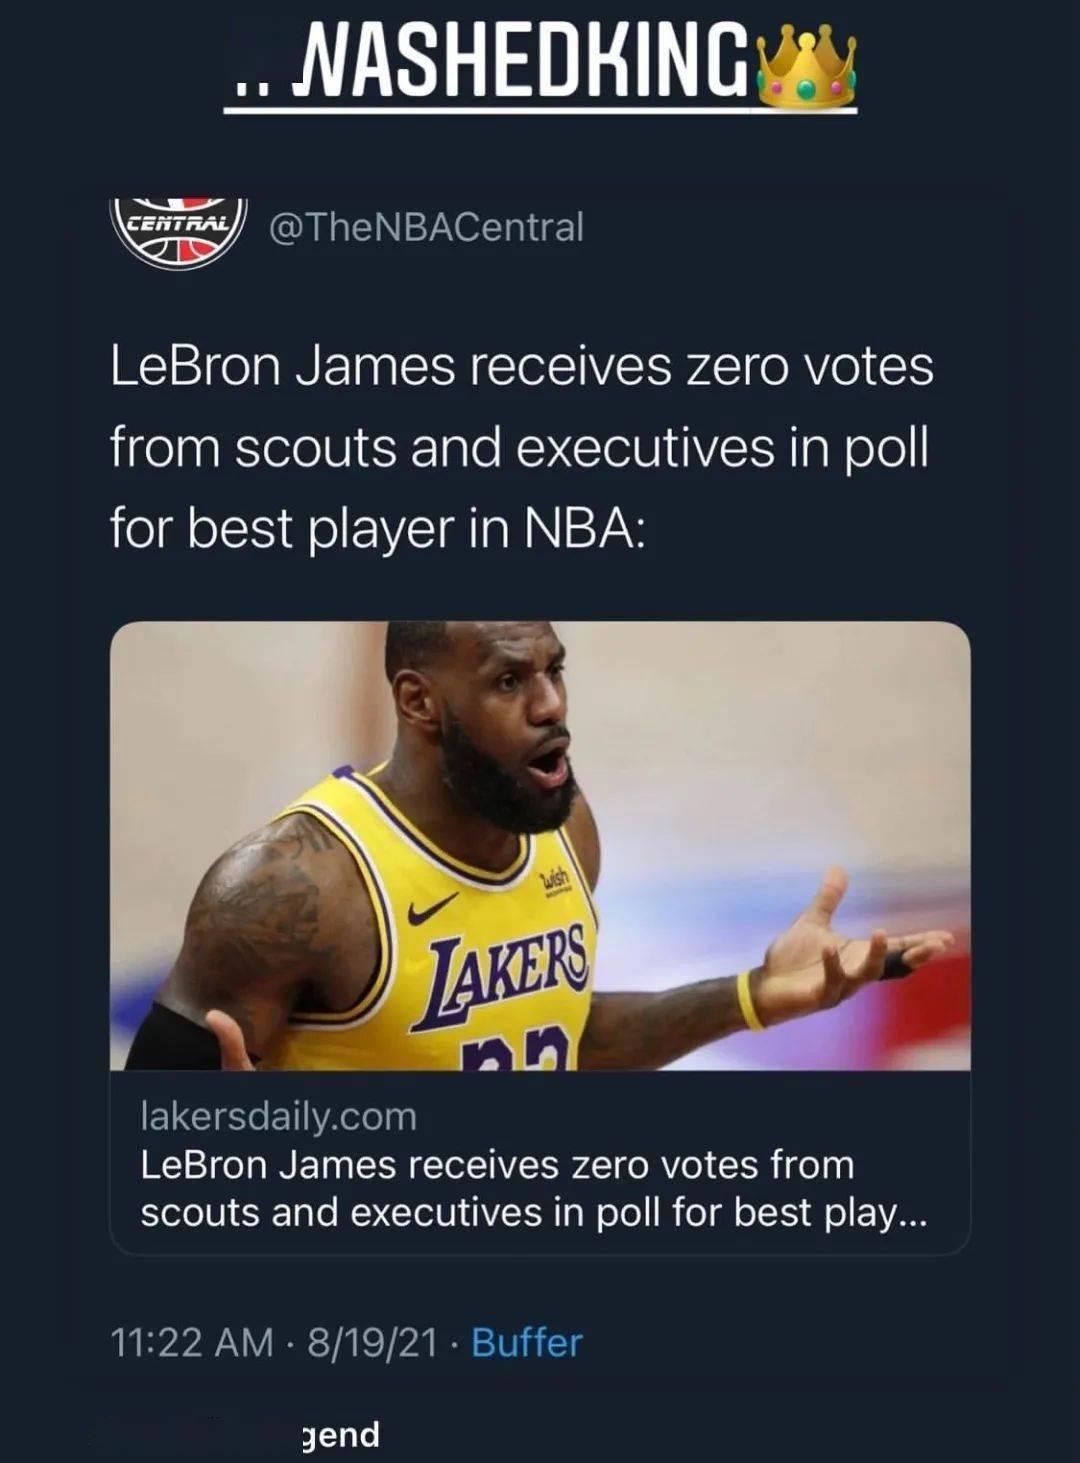 湖人希望他退役!詹姆斯0票!亲自回应:我过气了